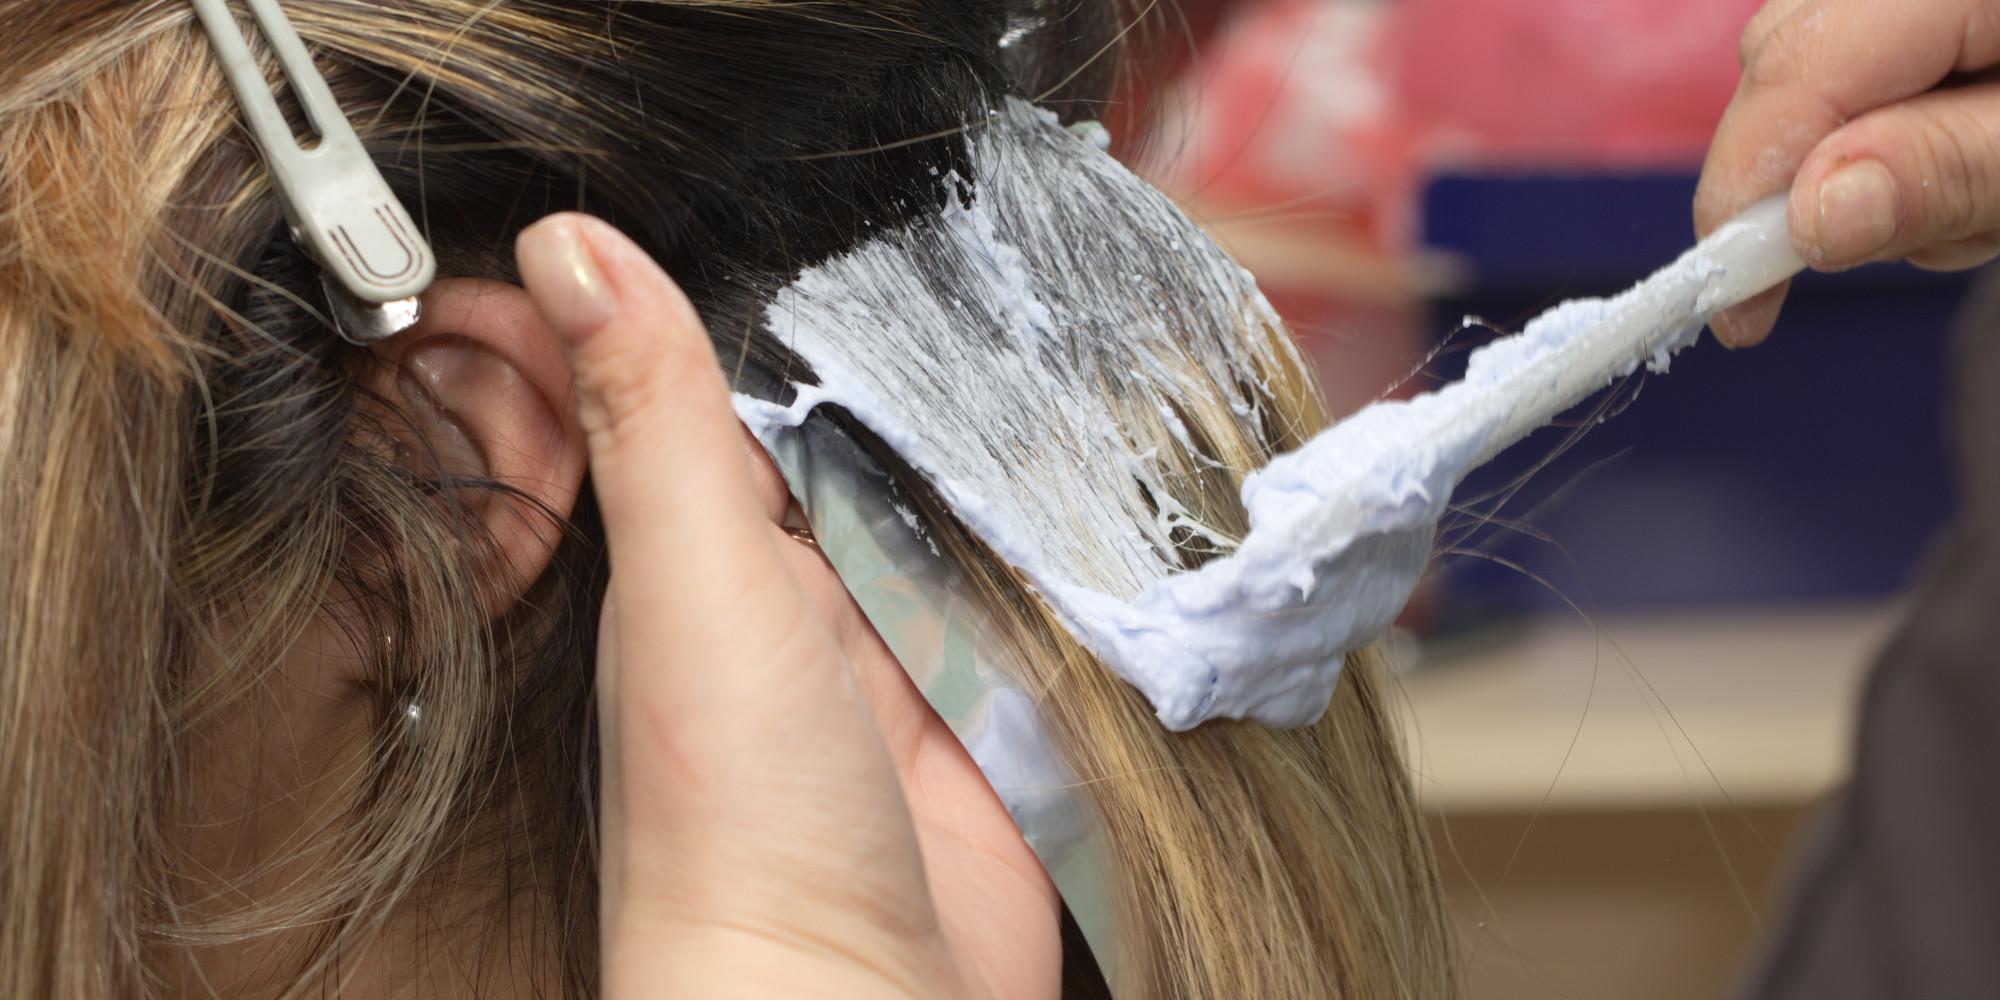 Выбираем краску для мелирования волос в домашних условиях 24